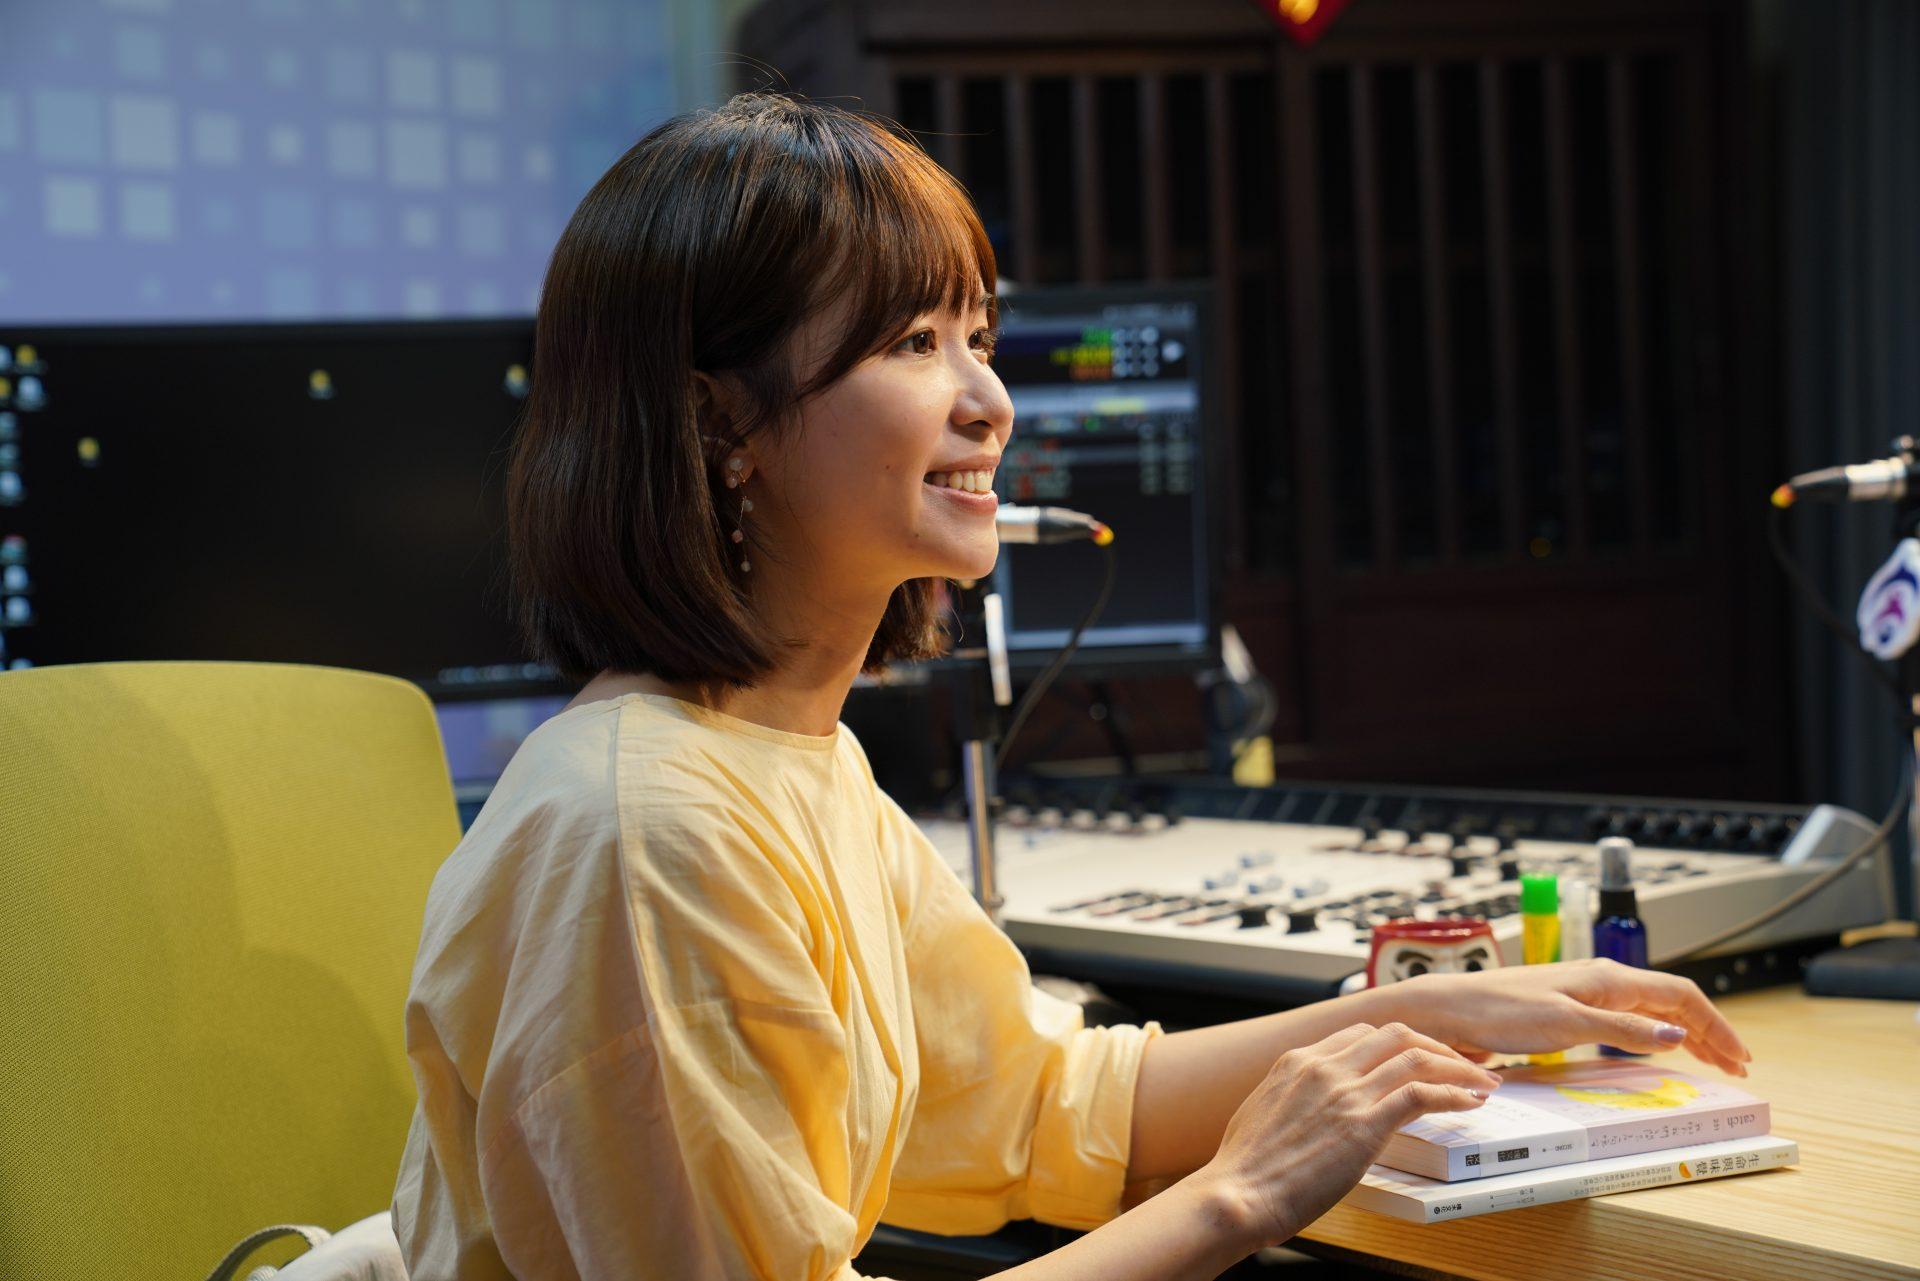 客家妹陳明珠 登台灣百岳收音成「嬌」點  每晚7點和粉絲空中談戀愛